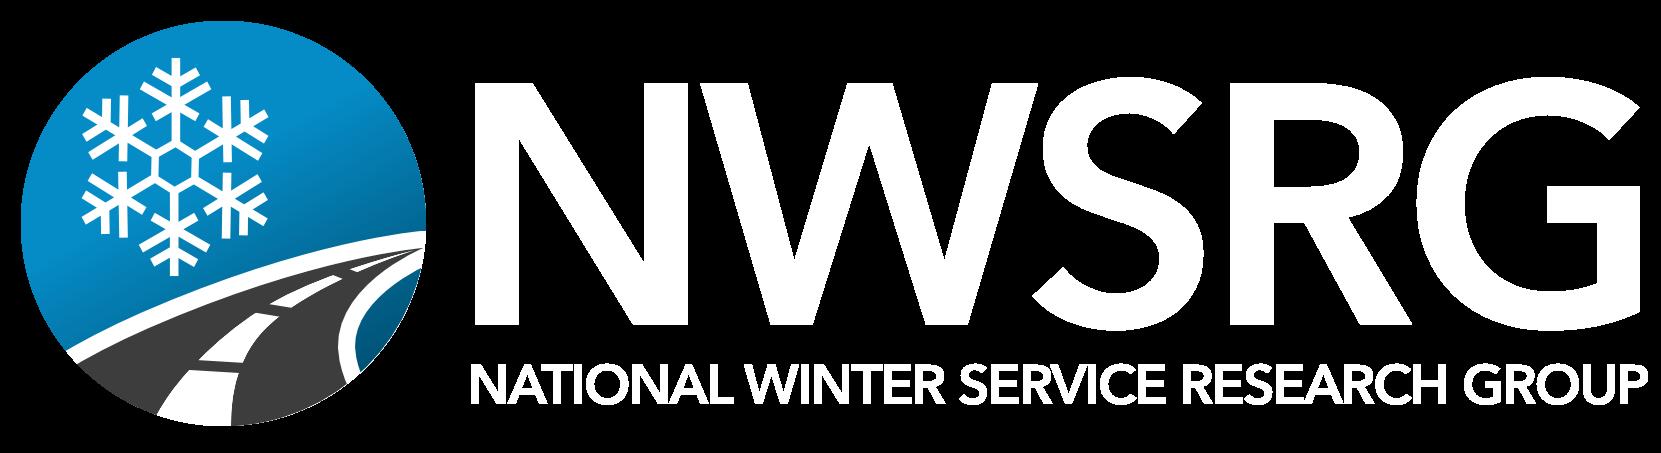 NWSRG